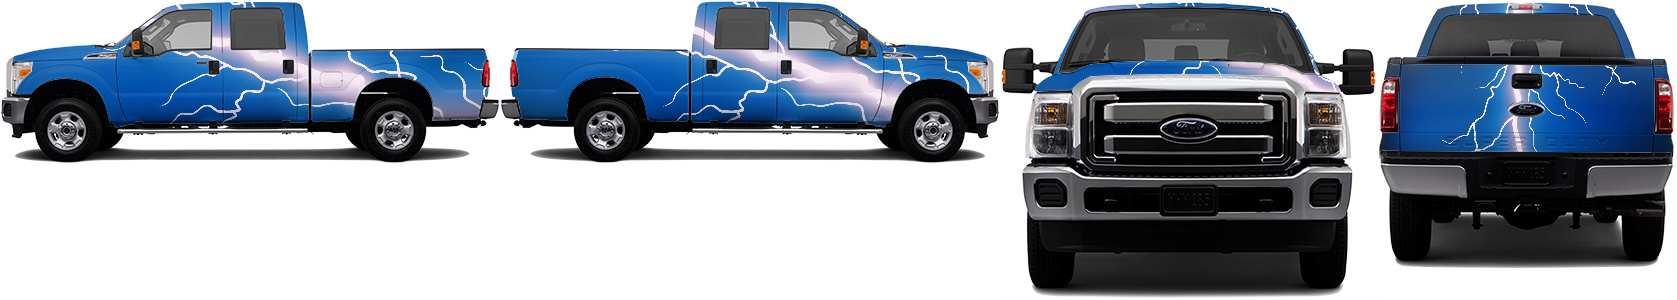 Truck Wrap #50803